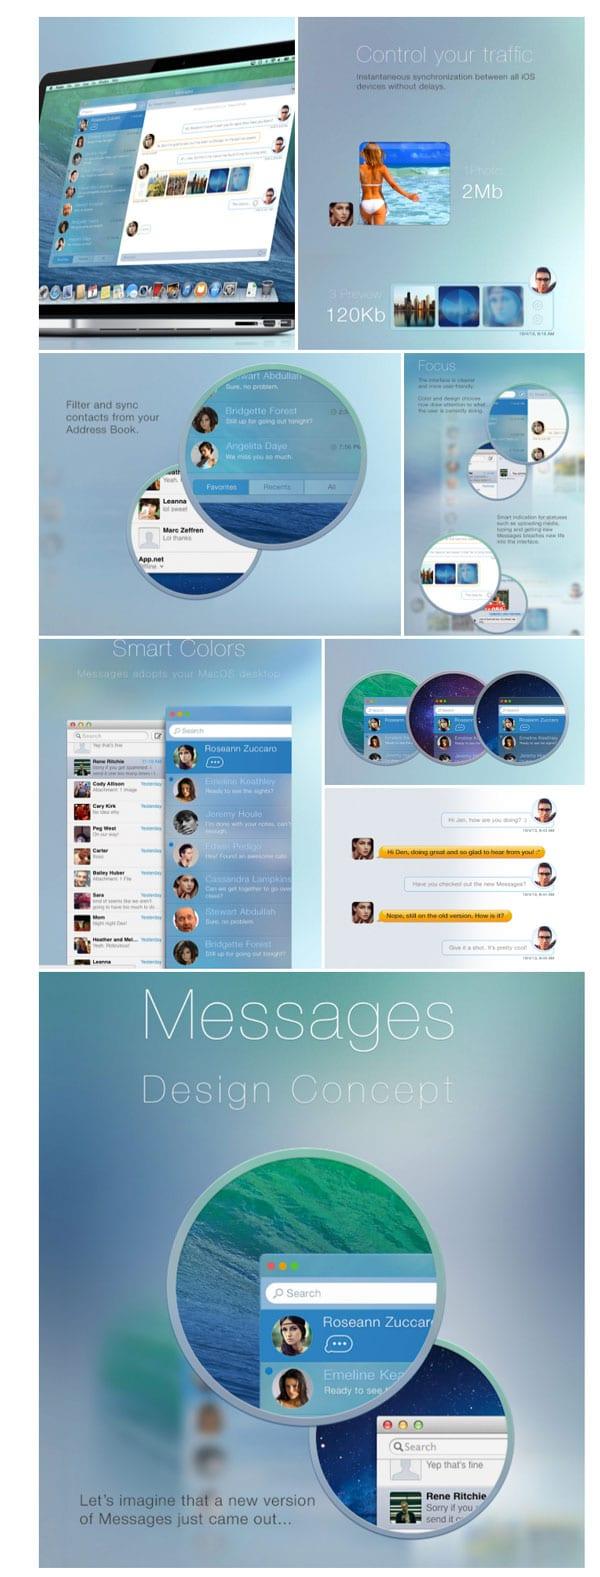 concepto mensajes os x Este concepto da algunas buenas ideas para una, necesaria, renovación de la aplicación Mensajes de OS X